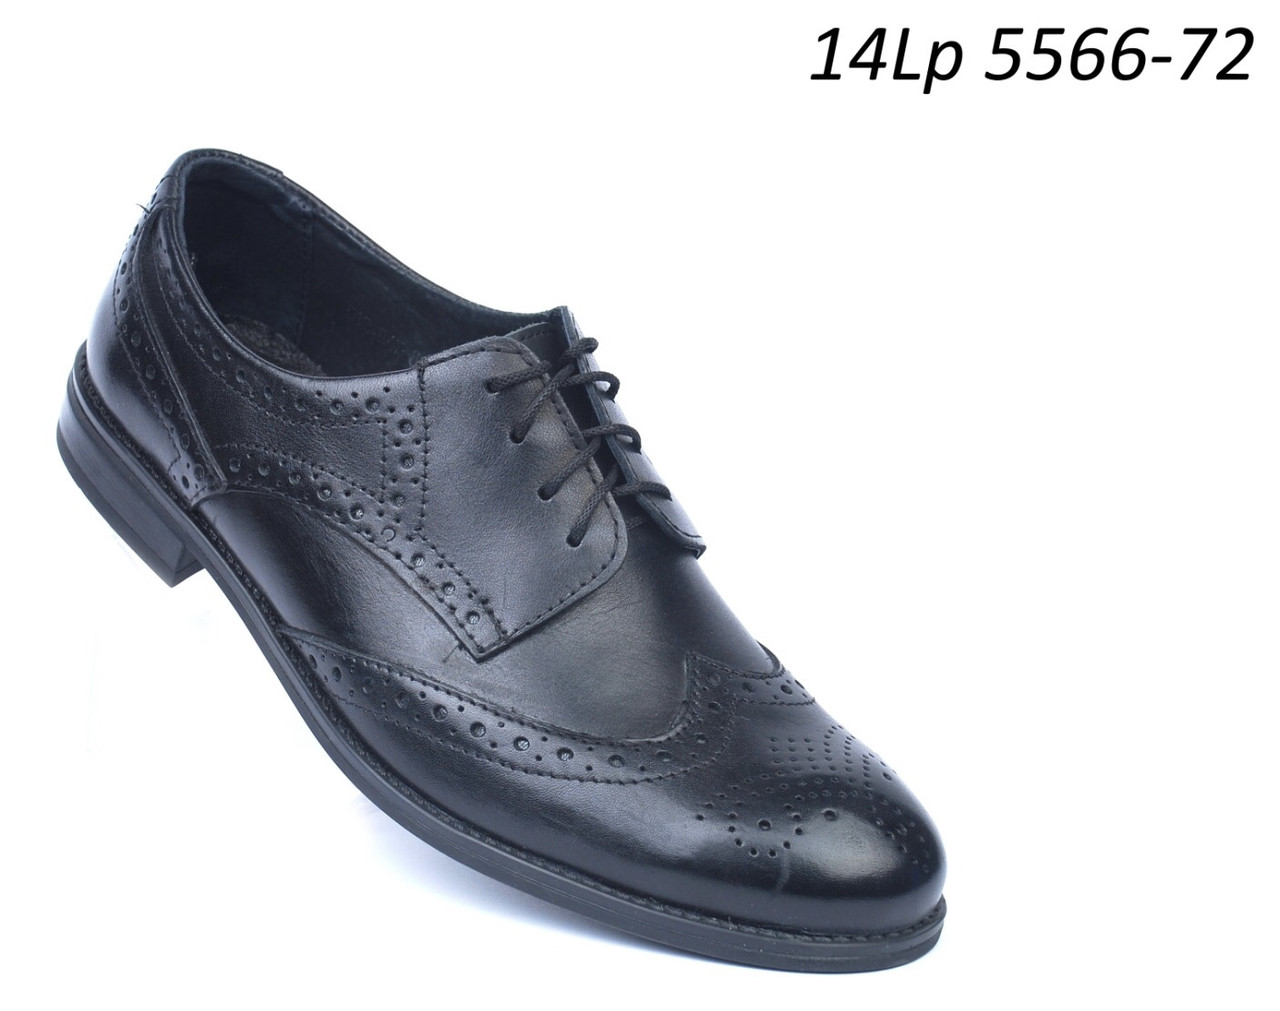 Max Oxford мужские кожаные туфли, броги, оксфорд 40,41,42,43,44, 45